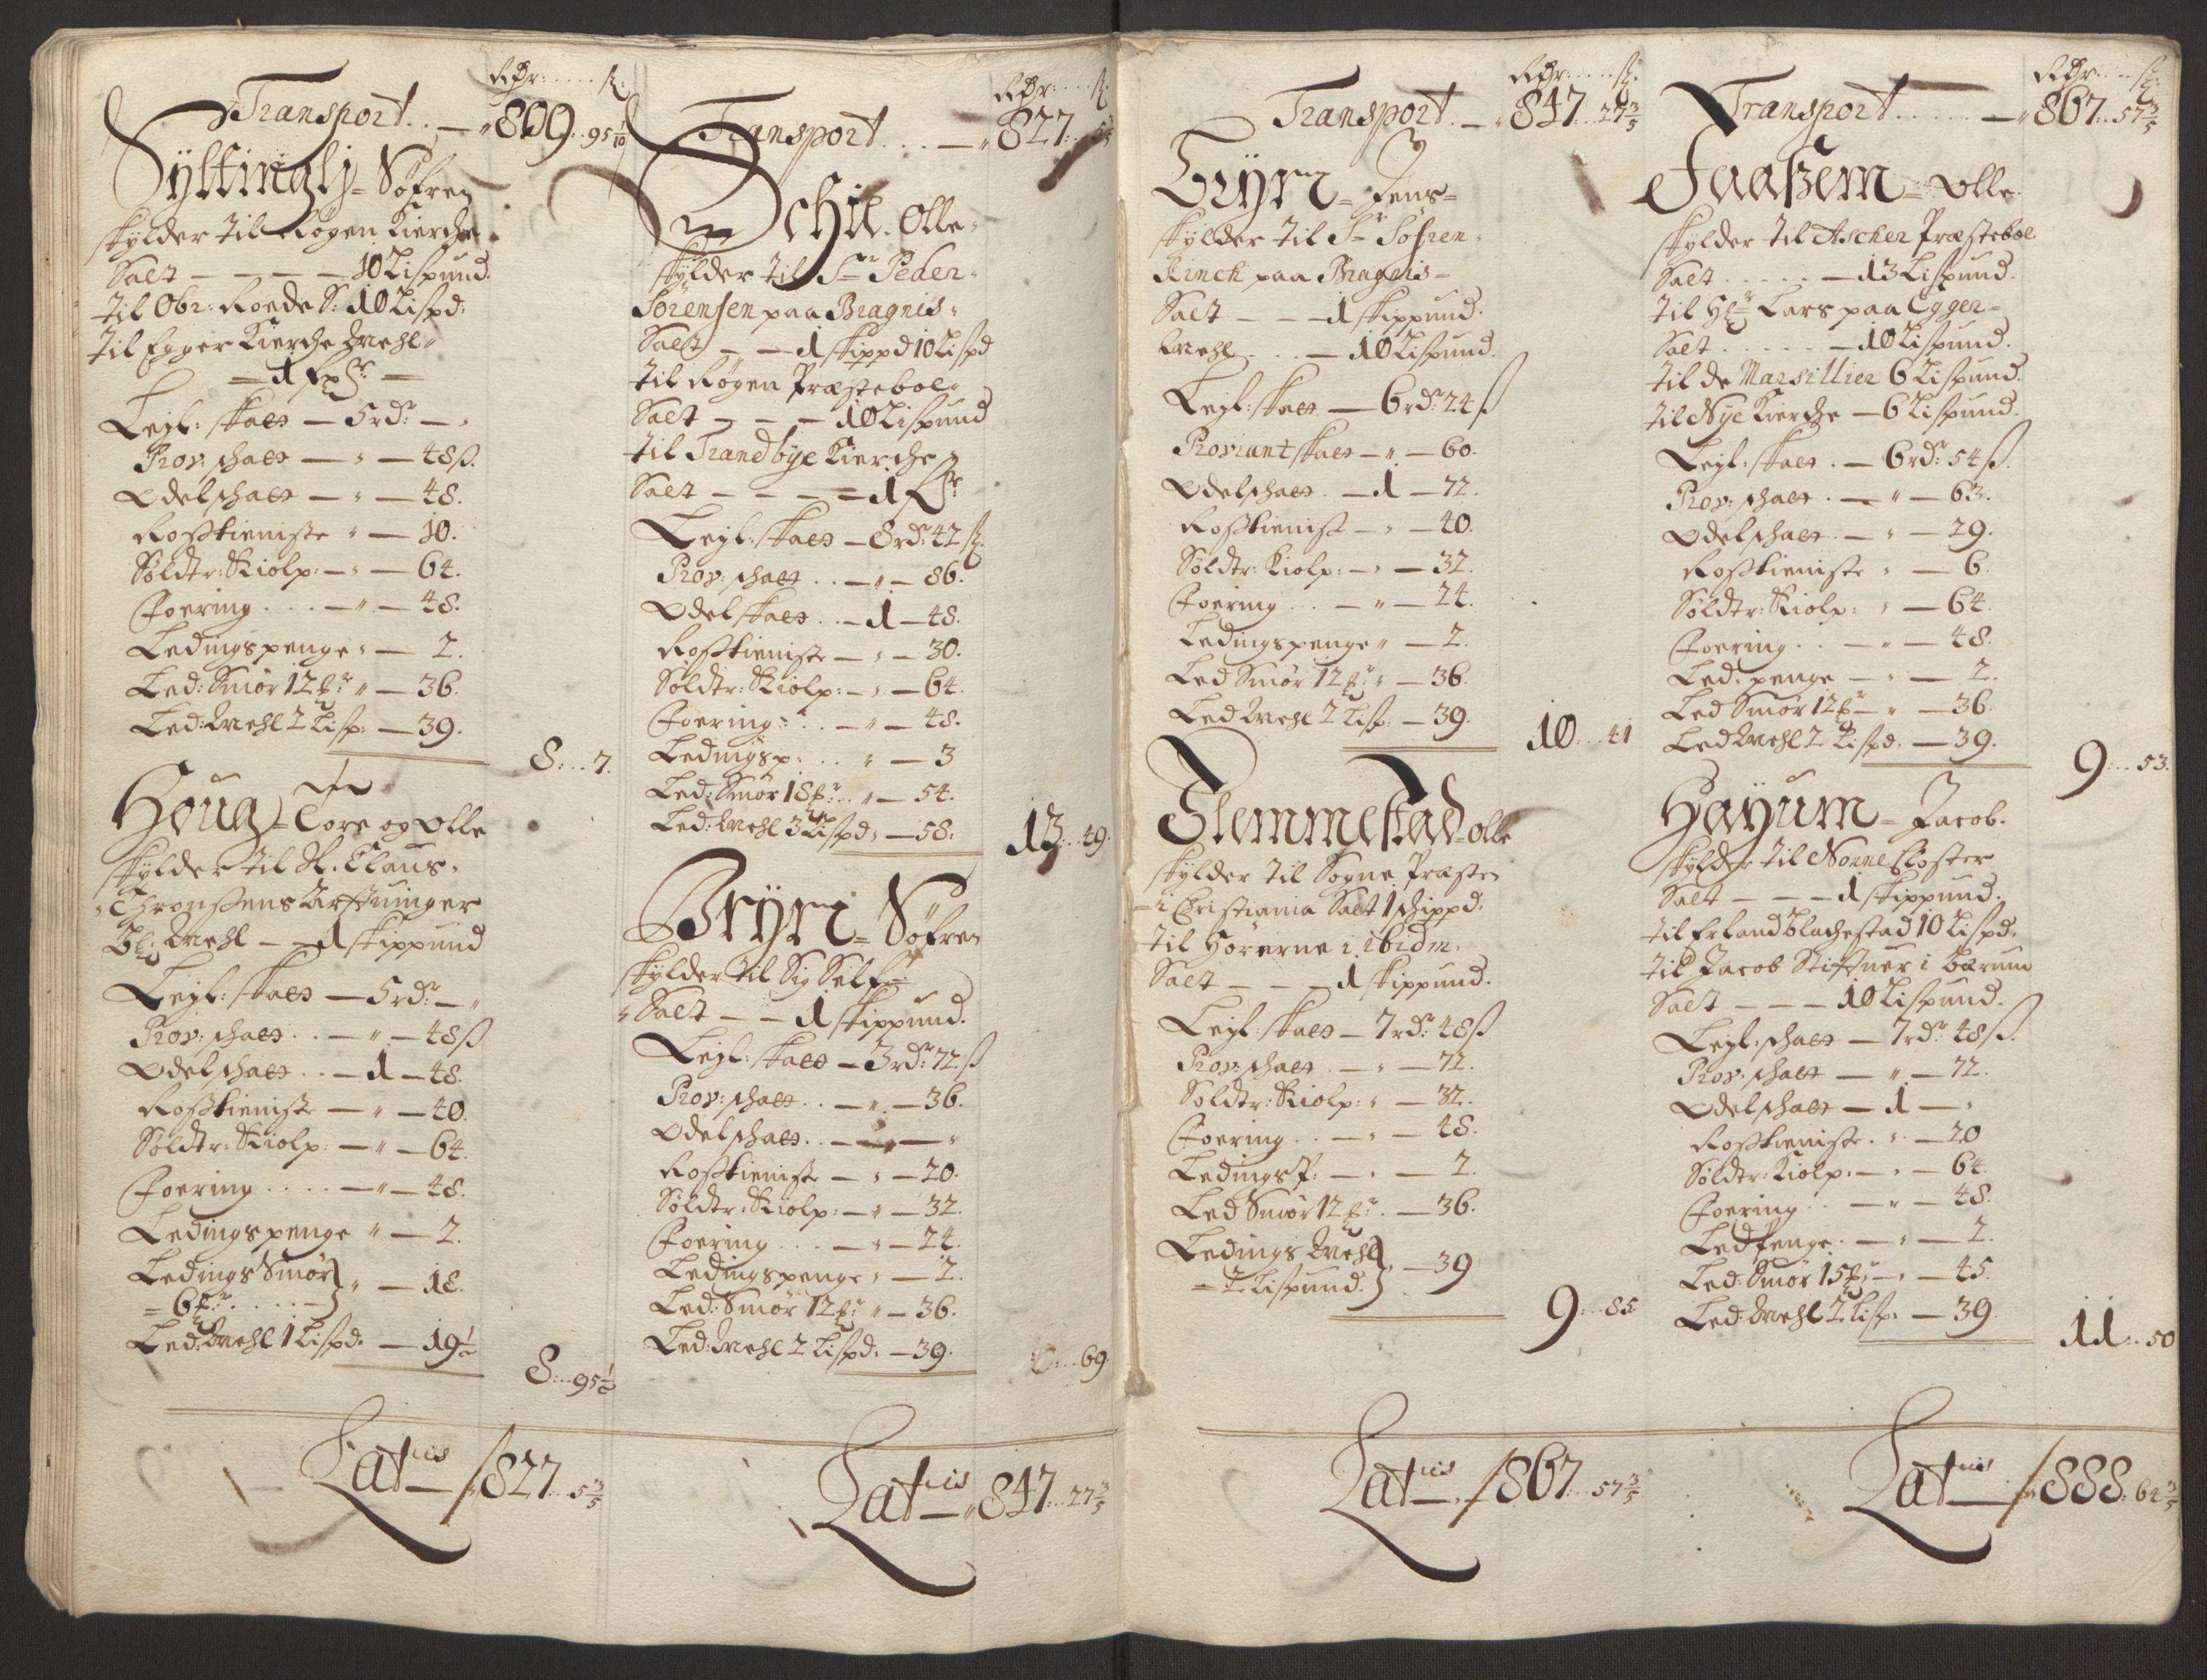 RA, Rentekammeret inntil 1814, Reviderte regnskaper, Fogderegnskap, R30/L1694: Fogderegnskap Hurum, Røyken, Eiker og Lier, 1694-1696, s. 44